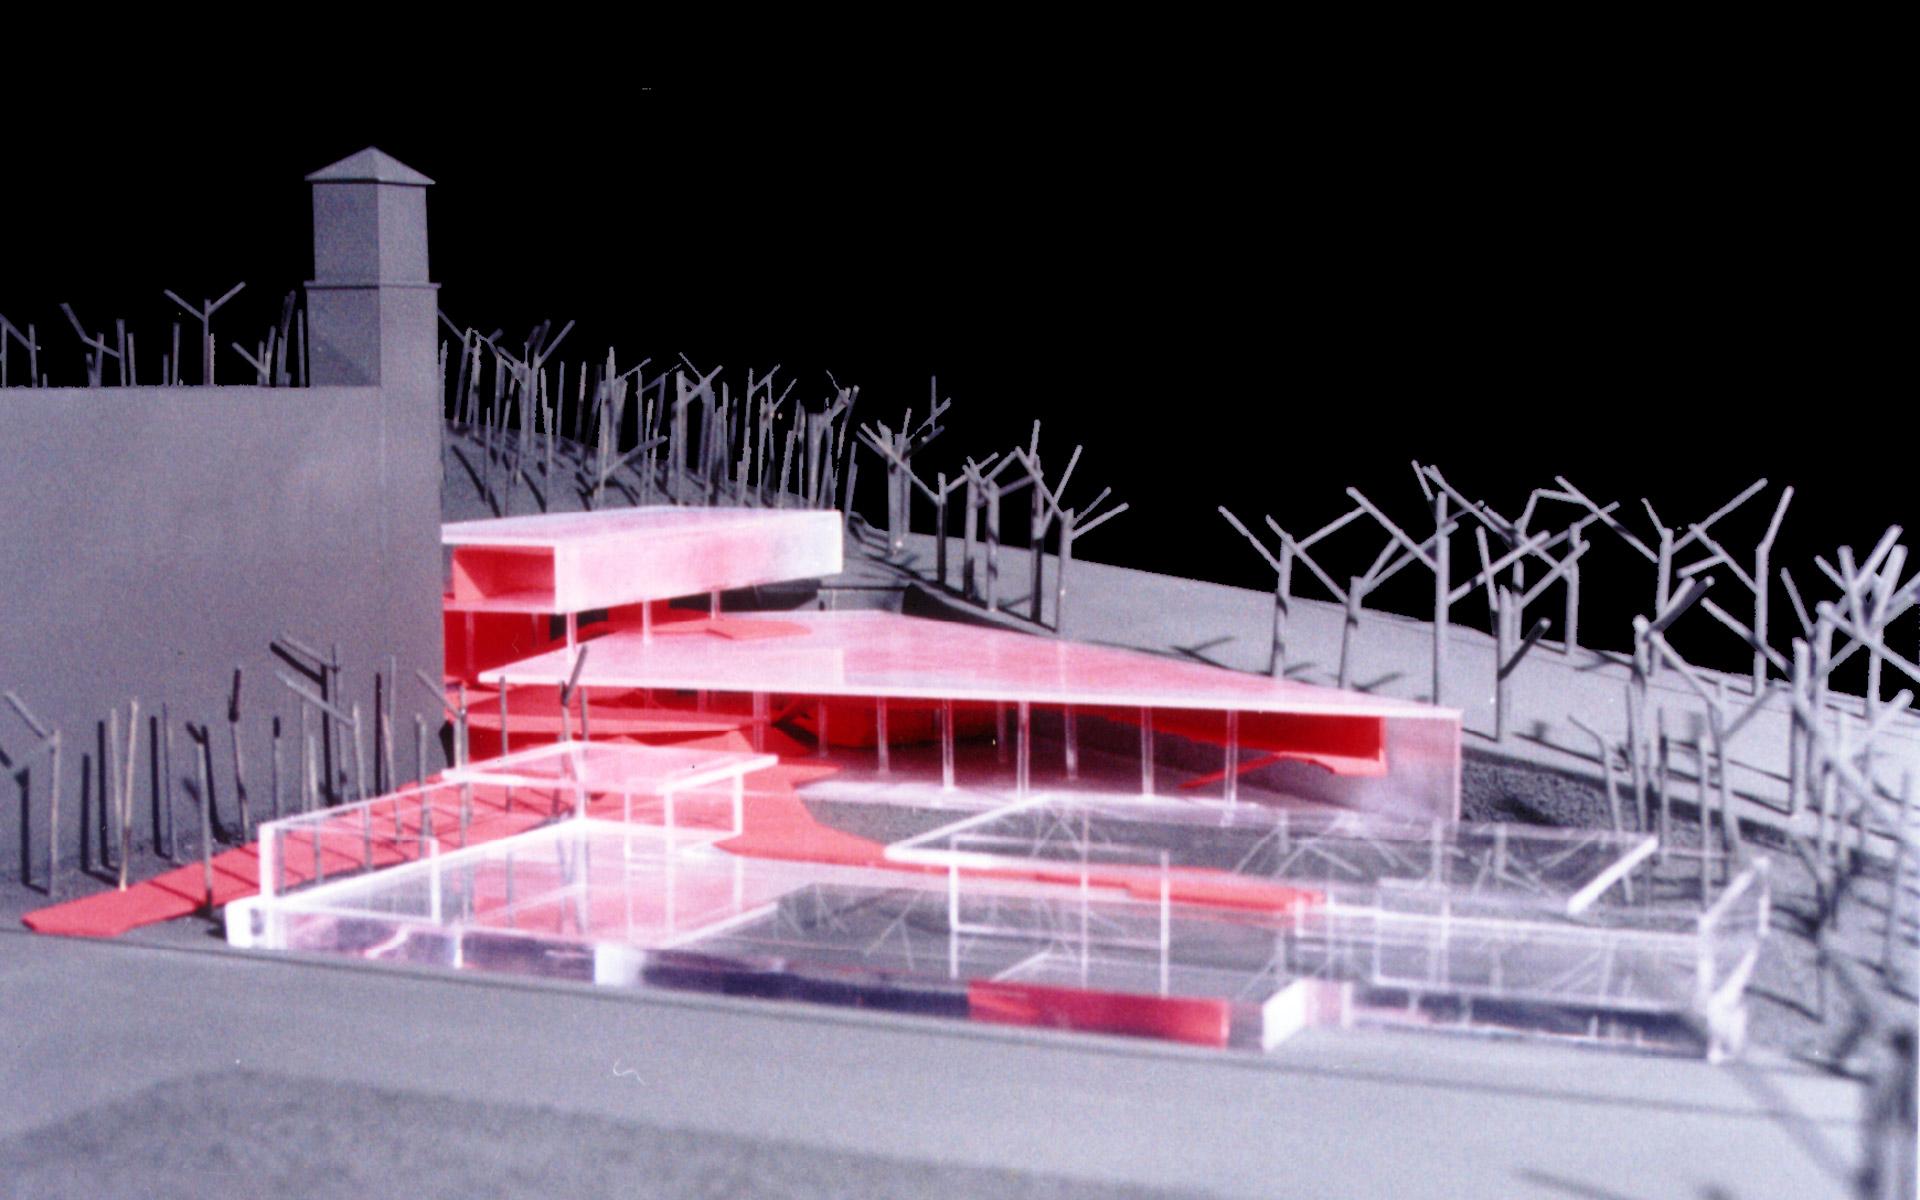 Arquitectura, maqueta, concurso Fundación Mies van der Rohe, pabellón de barcelona en acrílico transparente y propuesta en acrílico traslucido y piezas en rojo